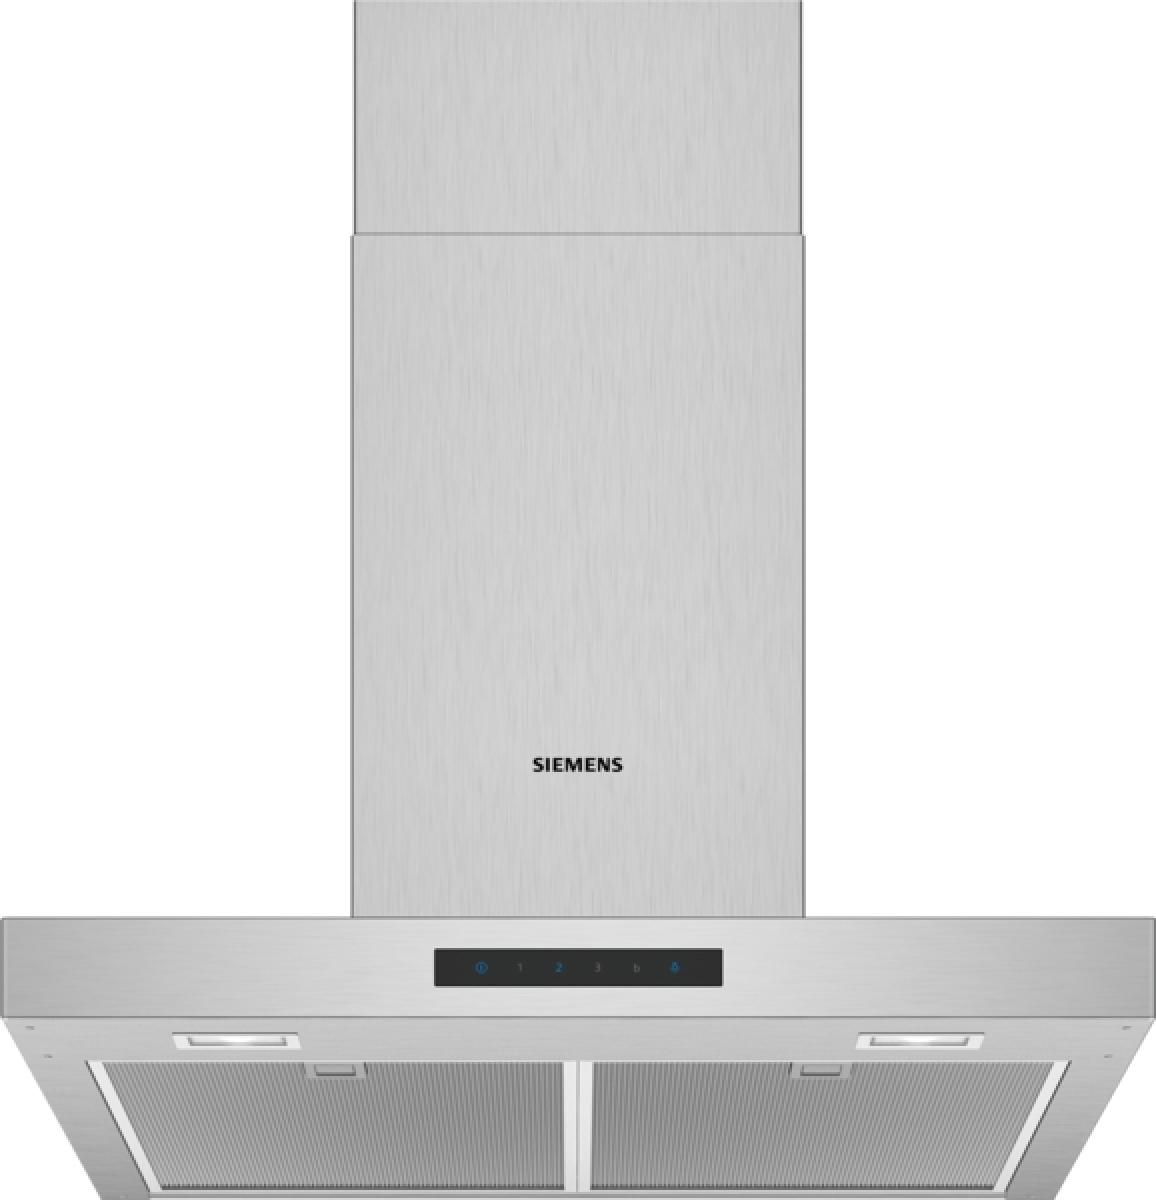 Siemens LC66BBM50Wandhaube 60cm breit